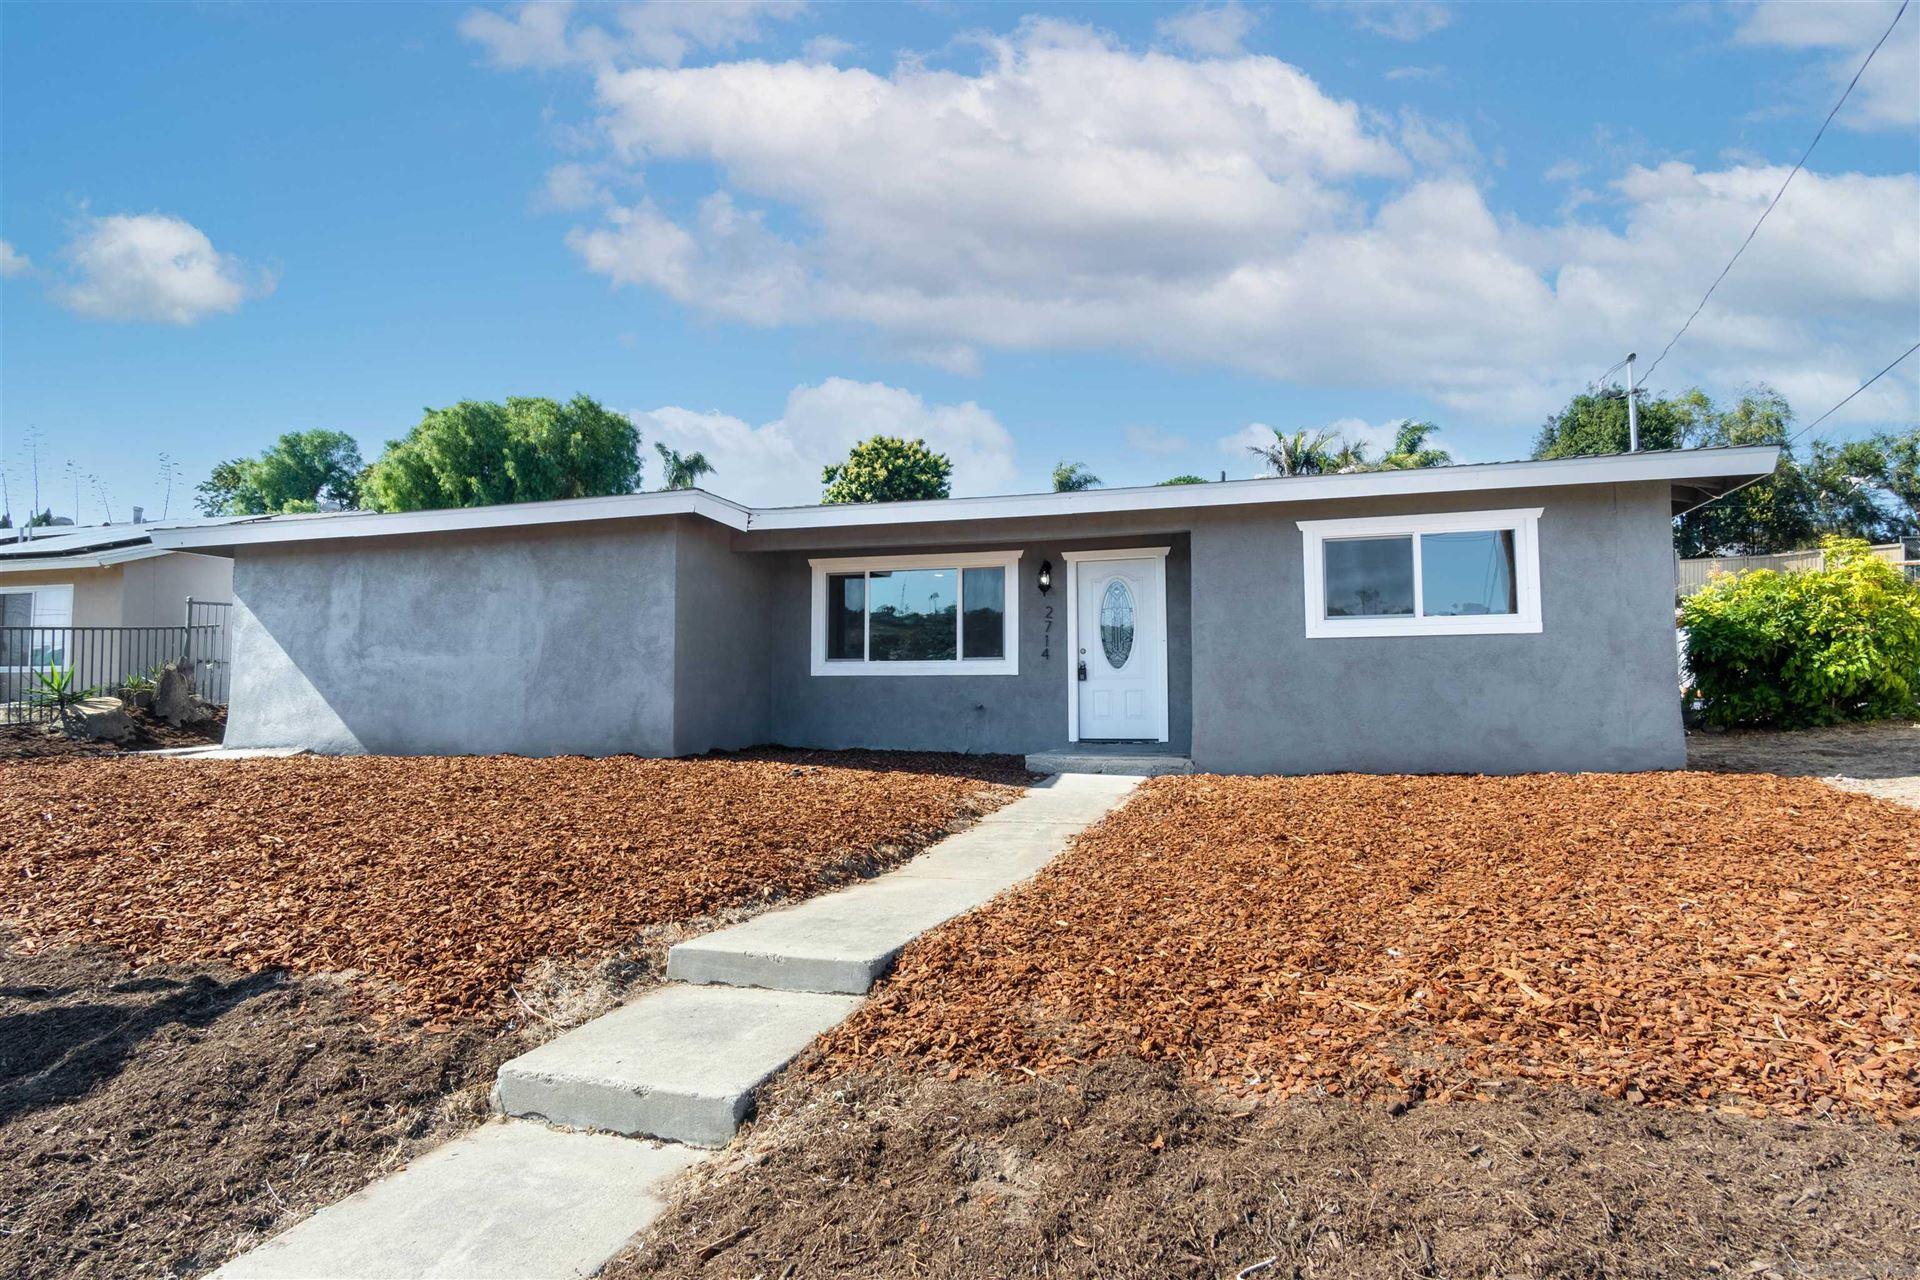 Photo of 2714 Oceanside Blvd, Oceanside, CA 92054 (MLS # 210026323)